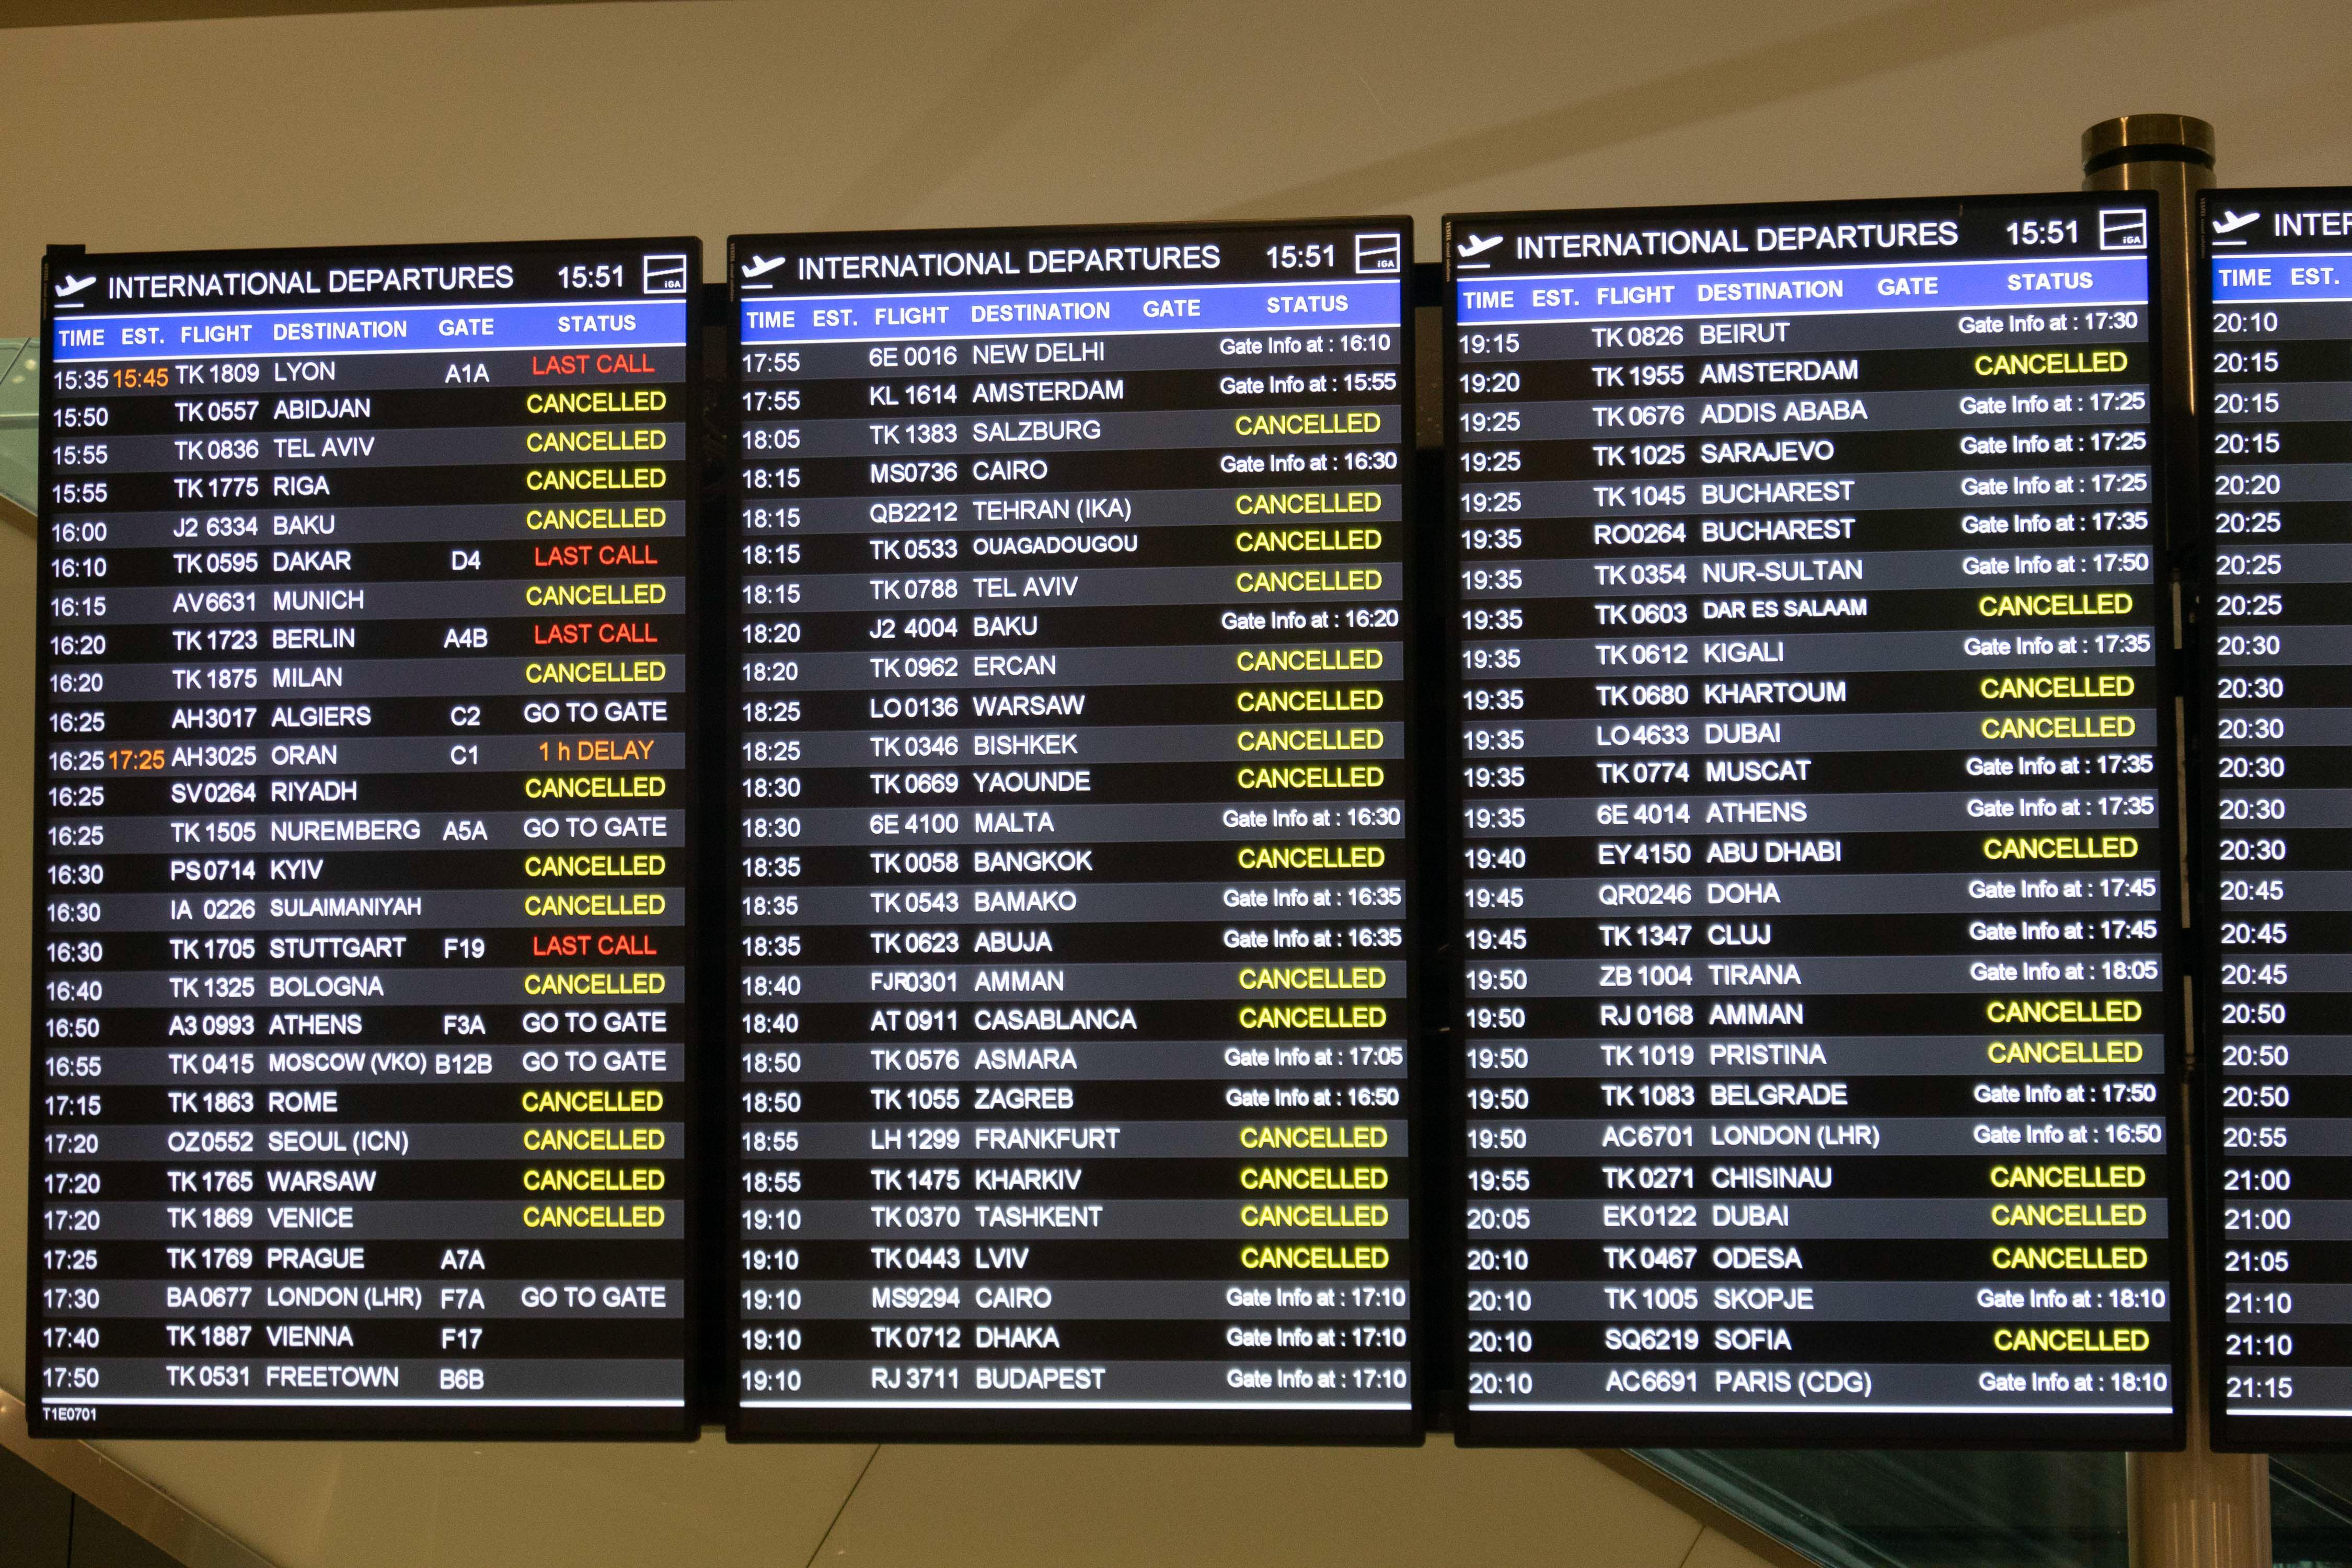 Törökország is kapcsol: leállította szinte az összes járatát a Turkish Airlines, a világ legtöbb városába repülő légitársaság